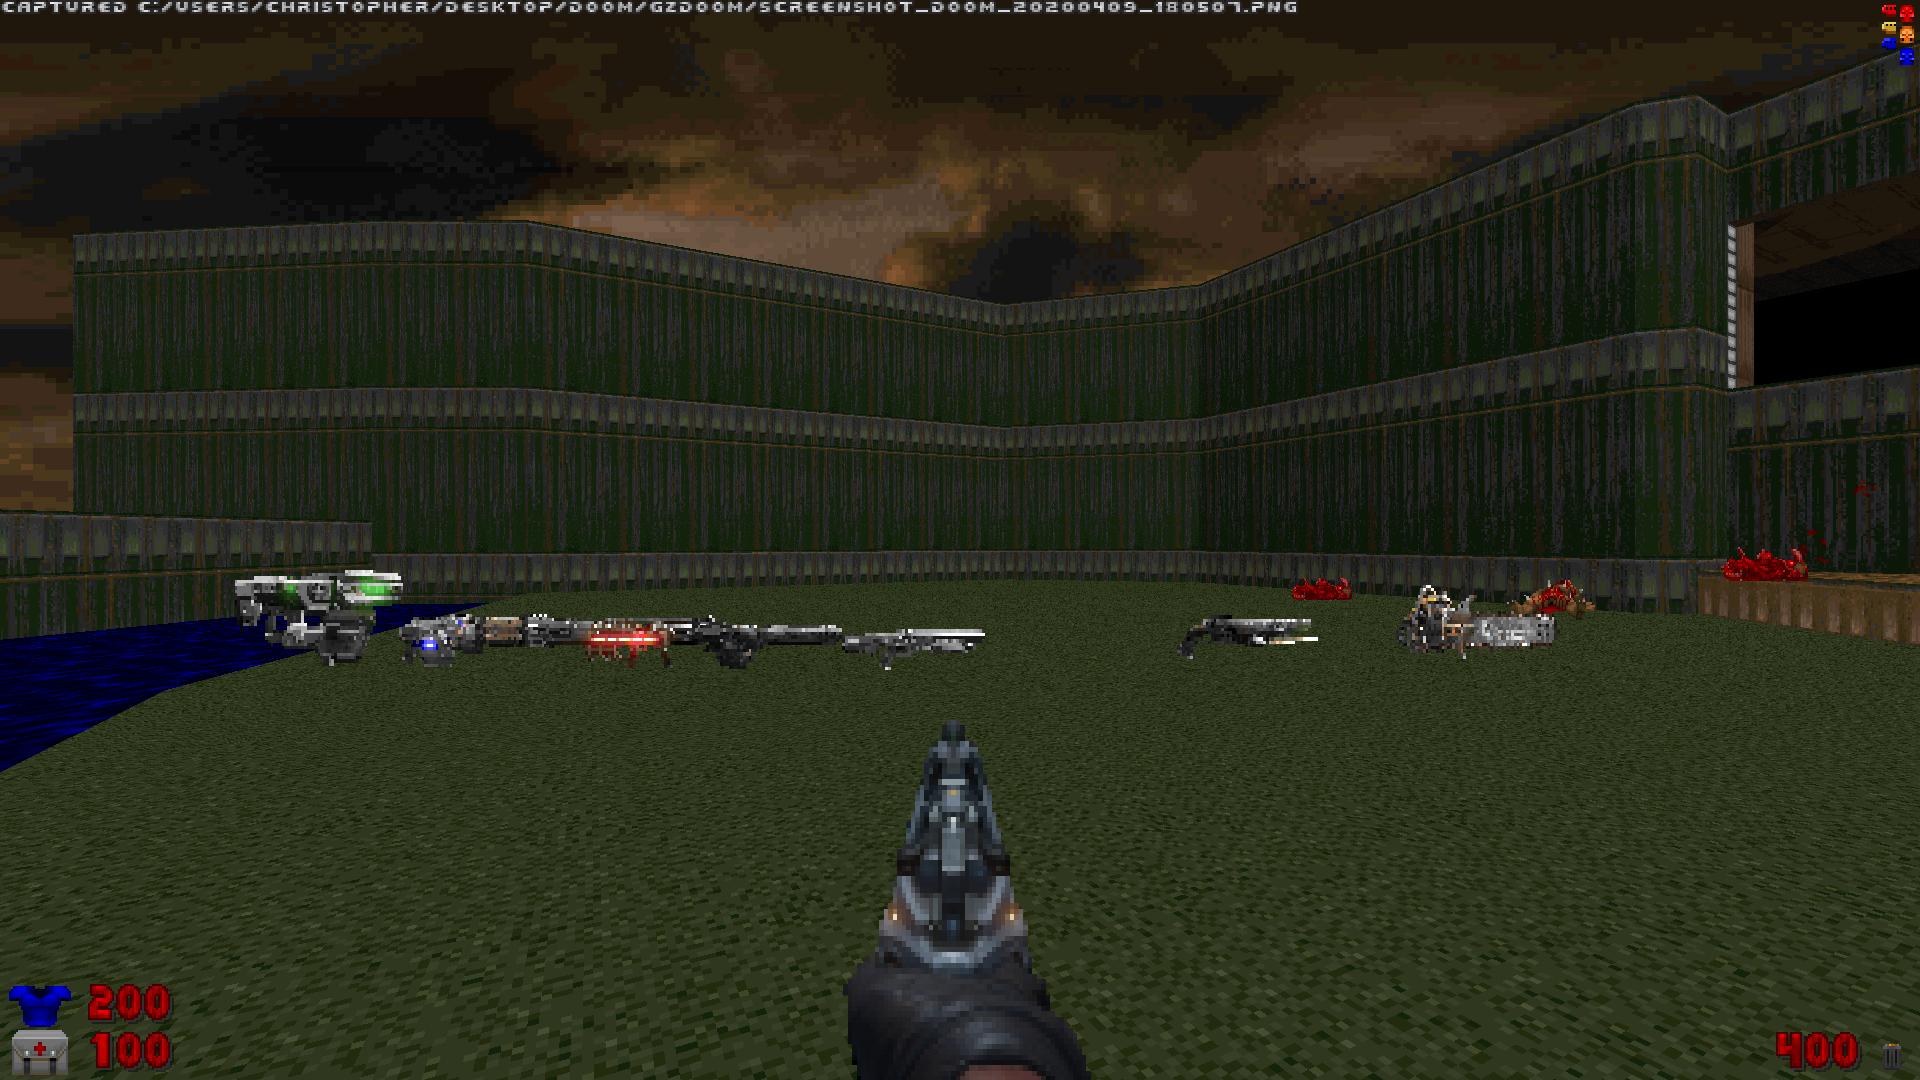 Screenshot_Doom_20200409_180510.png.65ba8dc341c7c17749fb4c11833041e4.png